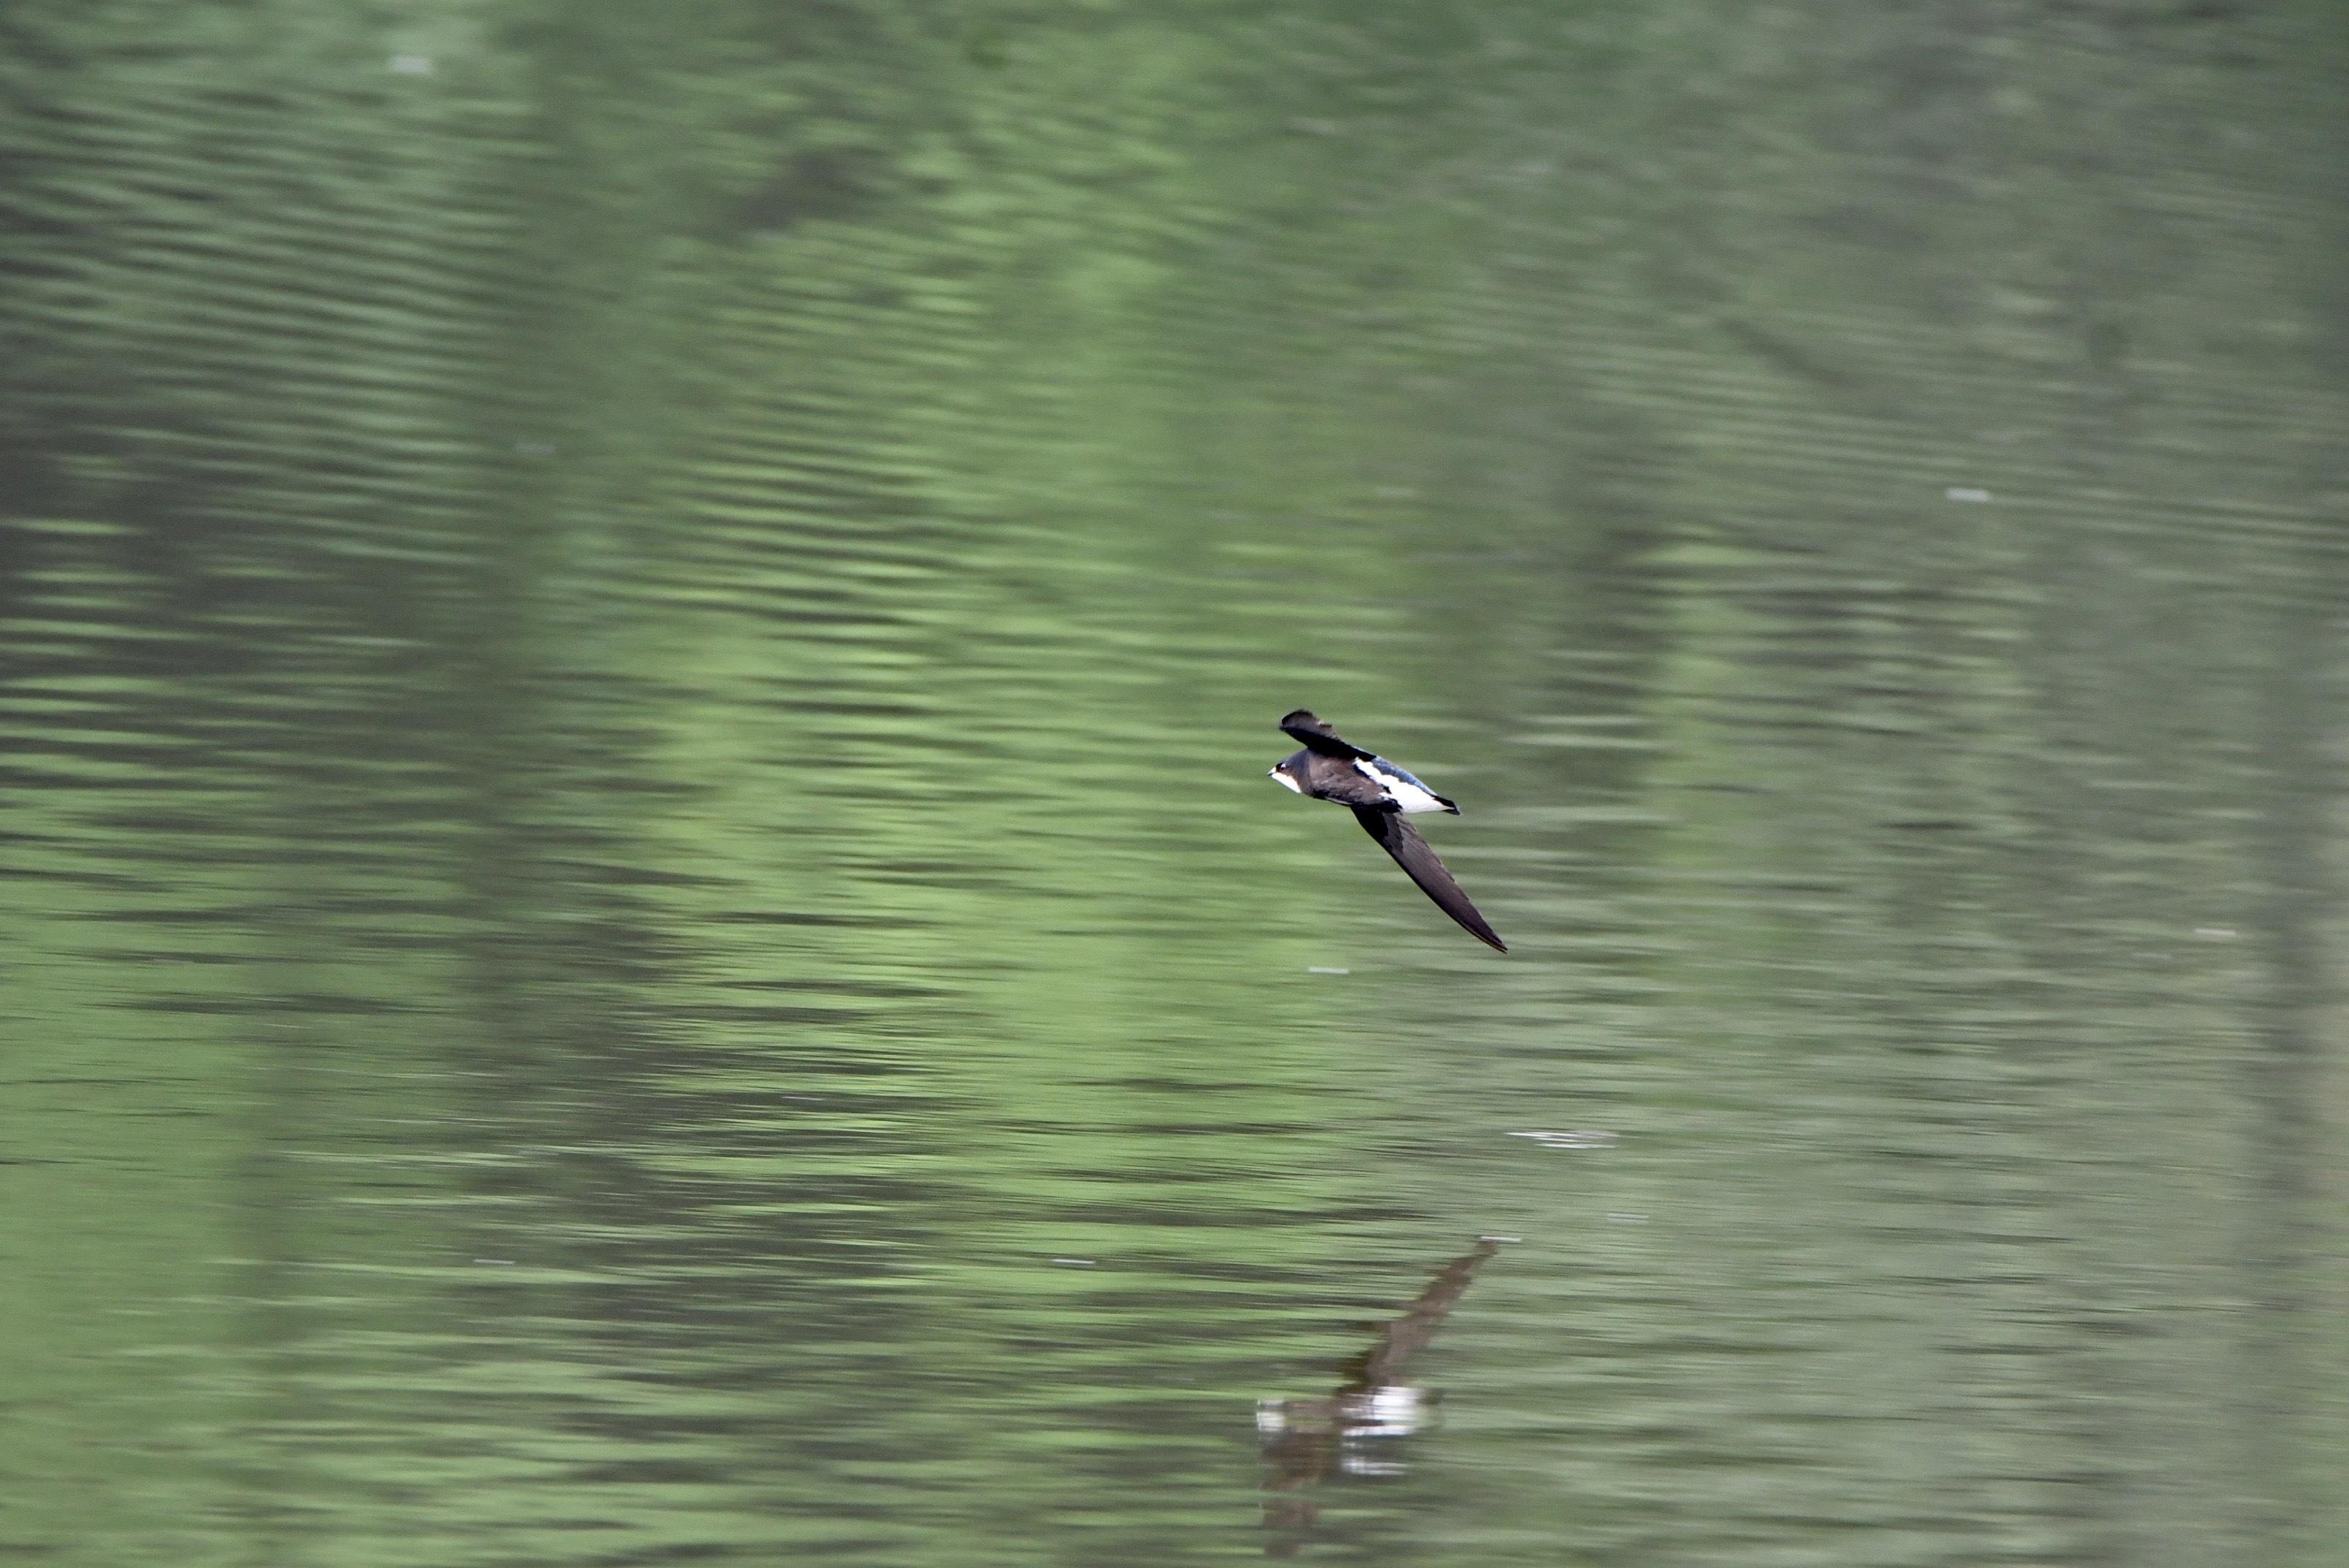 ハリオアマツバメ 水面飛翔